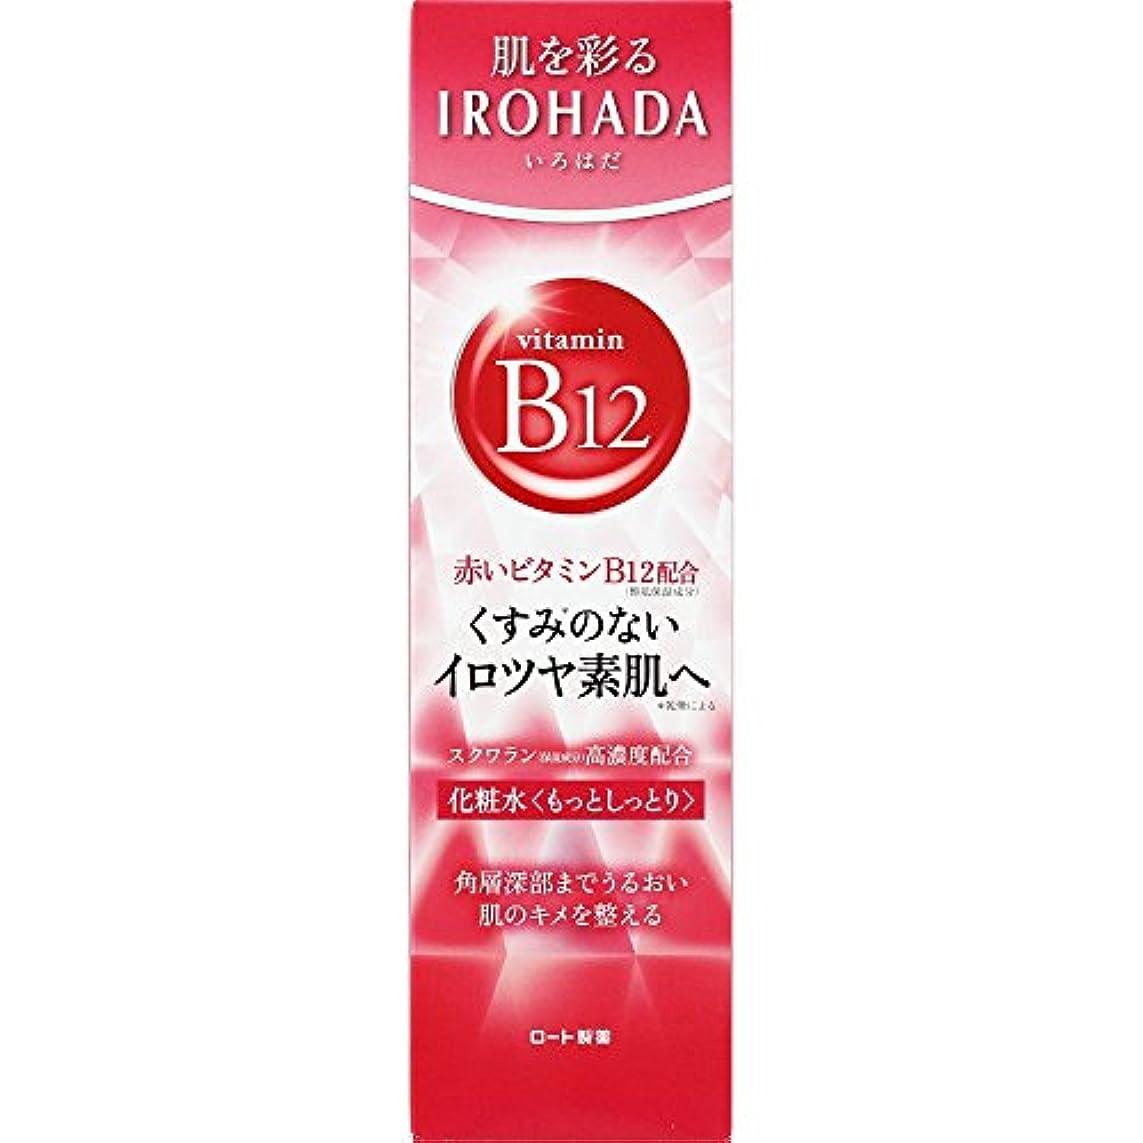 優越キリマンジャロ工業用ロート製薬 いろはだ (IROHADA) 赤いビタミンB12×スクワラン配合 化粧水もっとしっとり 160ml